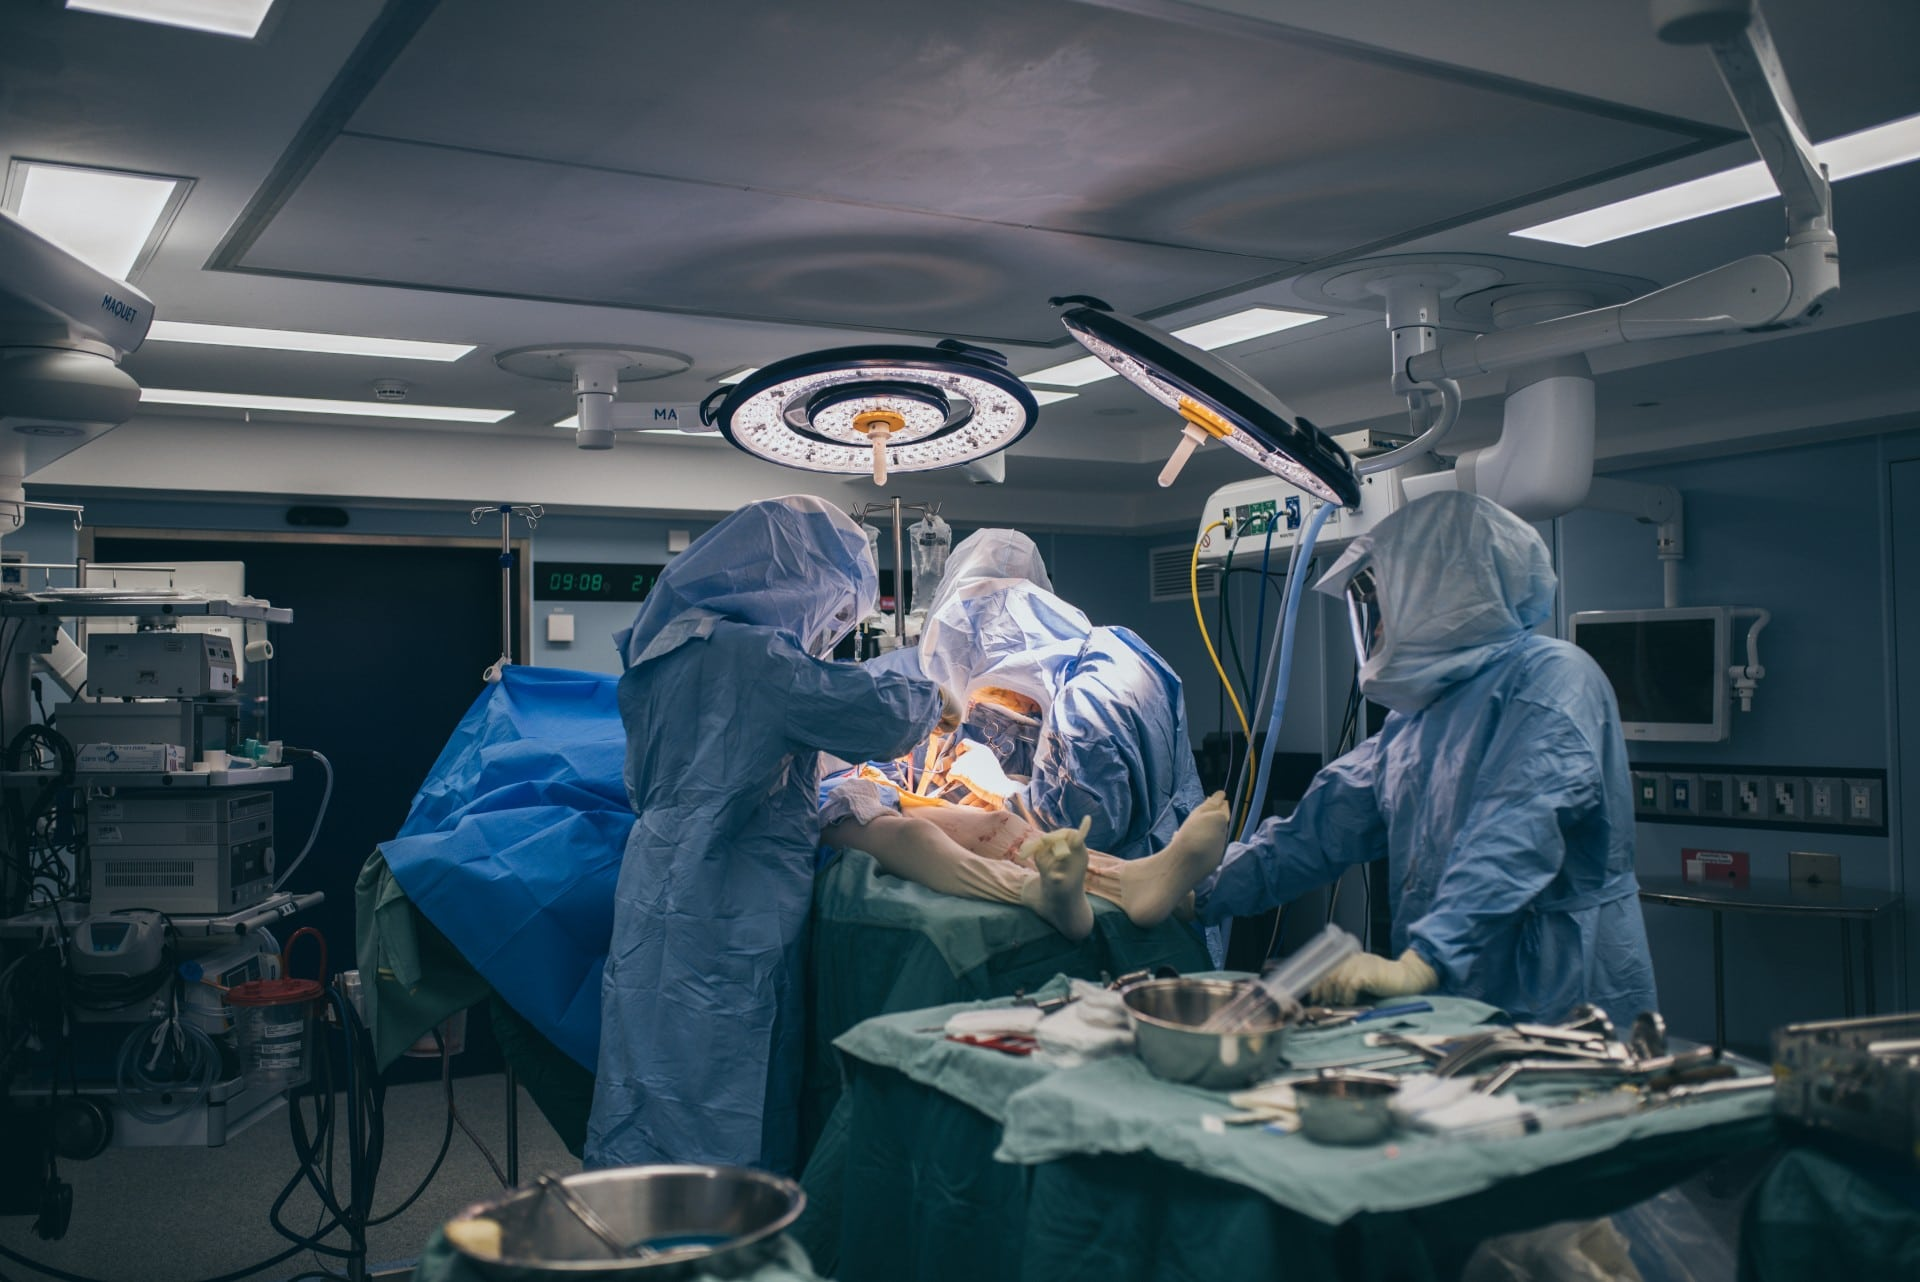 מהו ניתוח החלפת מפרק הברך ? הליך, תופעות והחלמה